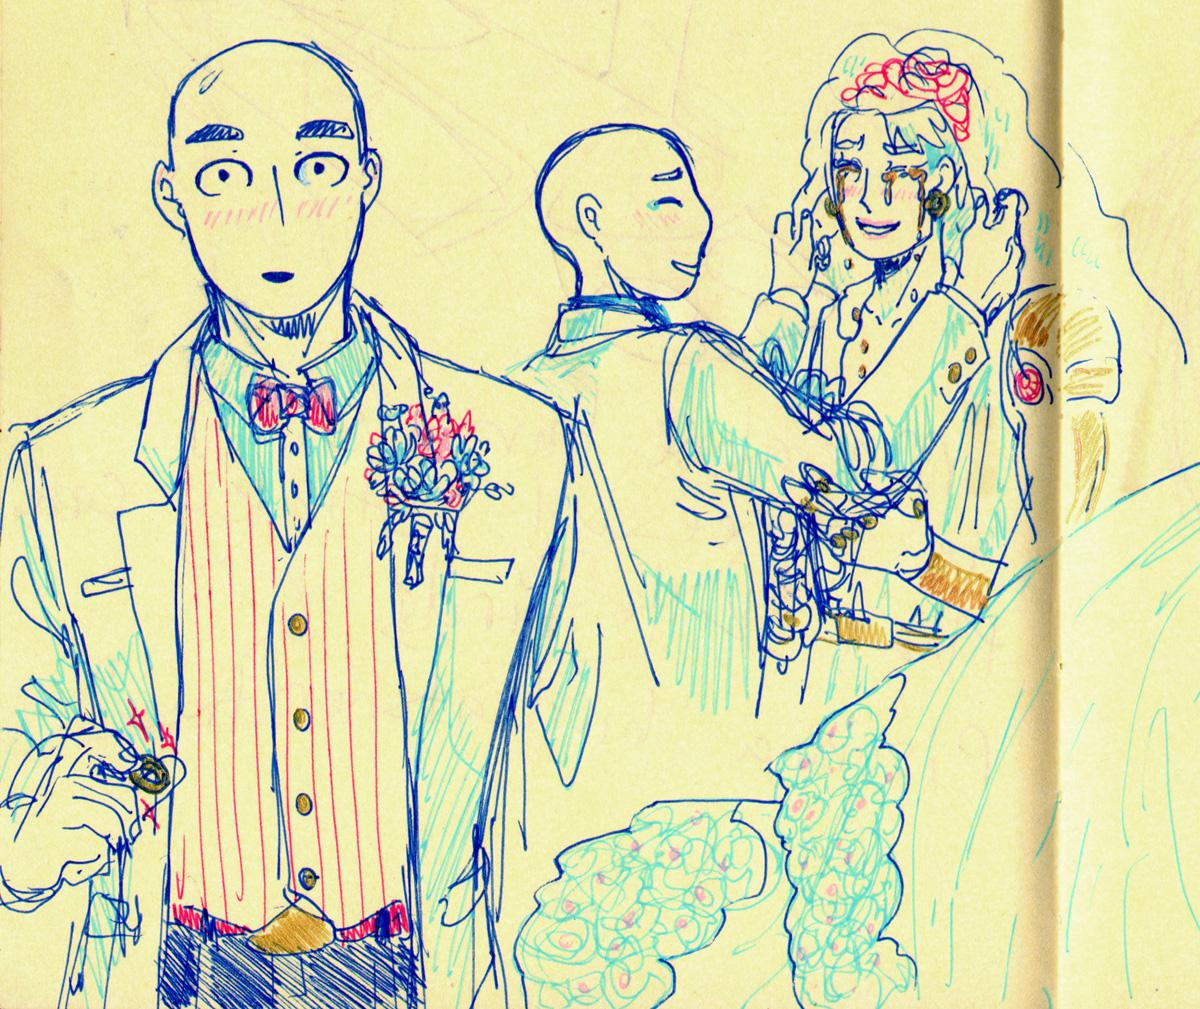 saigenoswedding01 vows.jpg